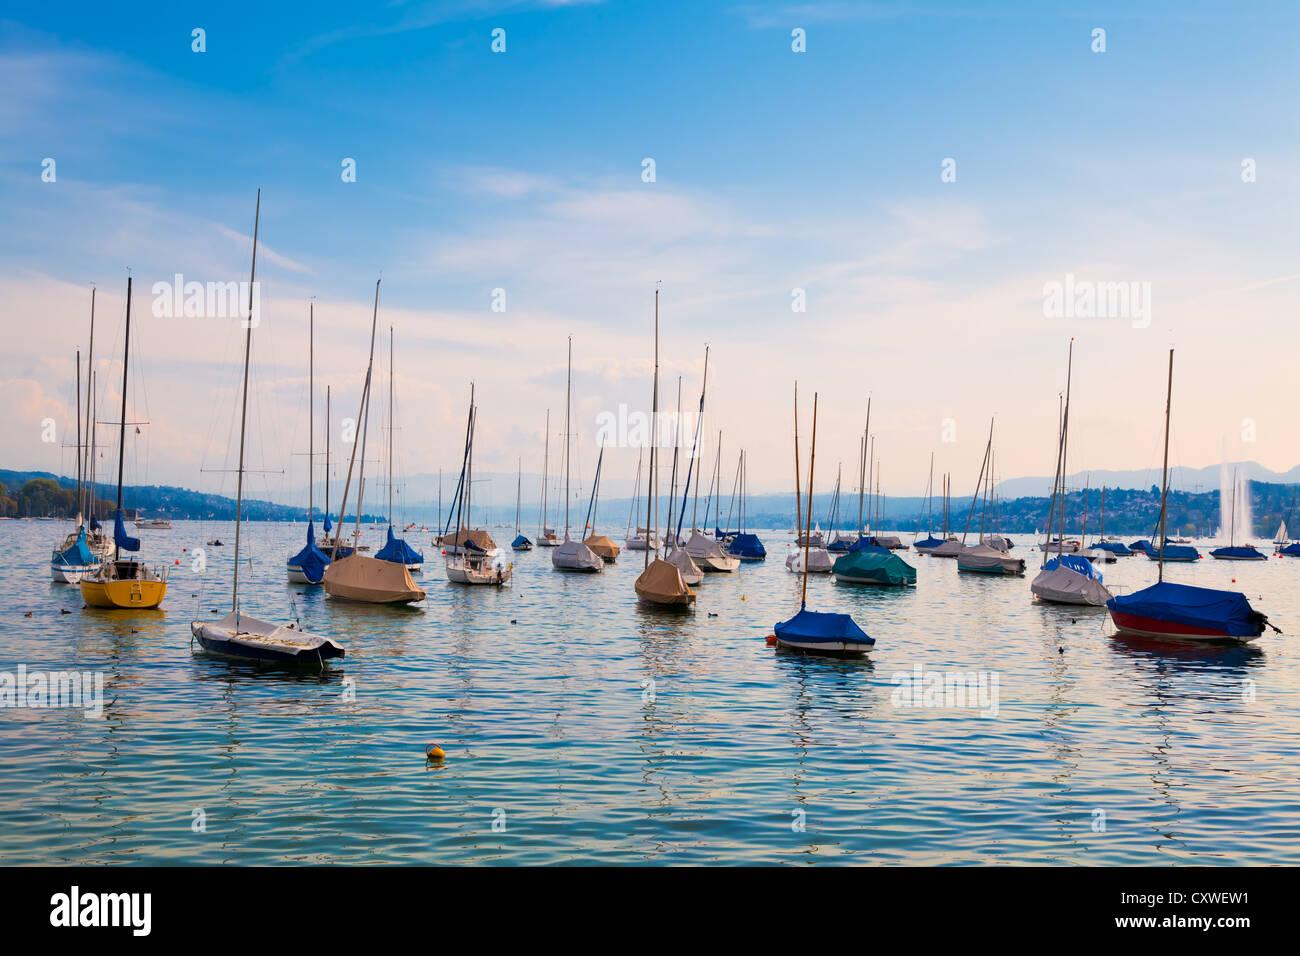 Barche ormeggiate sul lago di Zurigo, Svizzera Immagini Stock